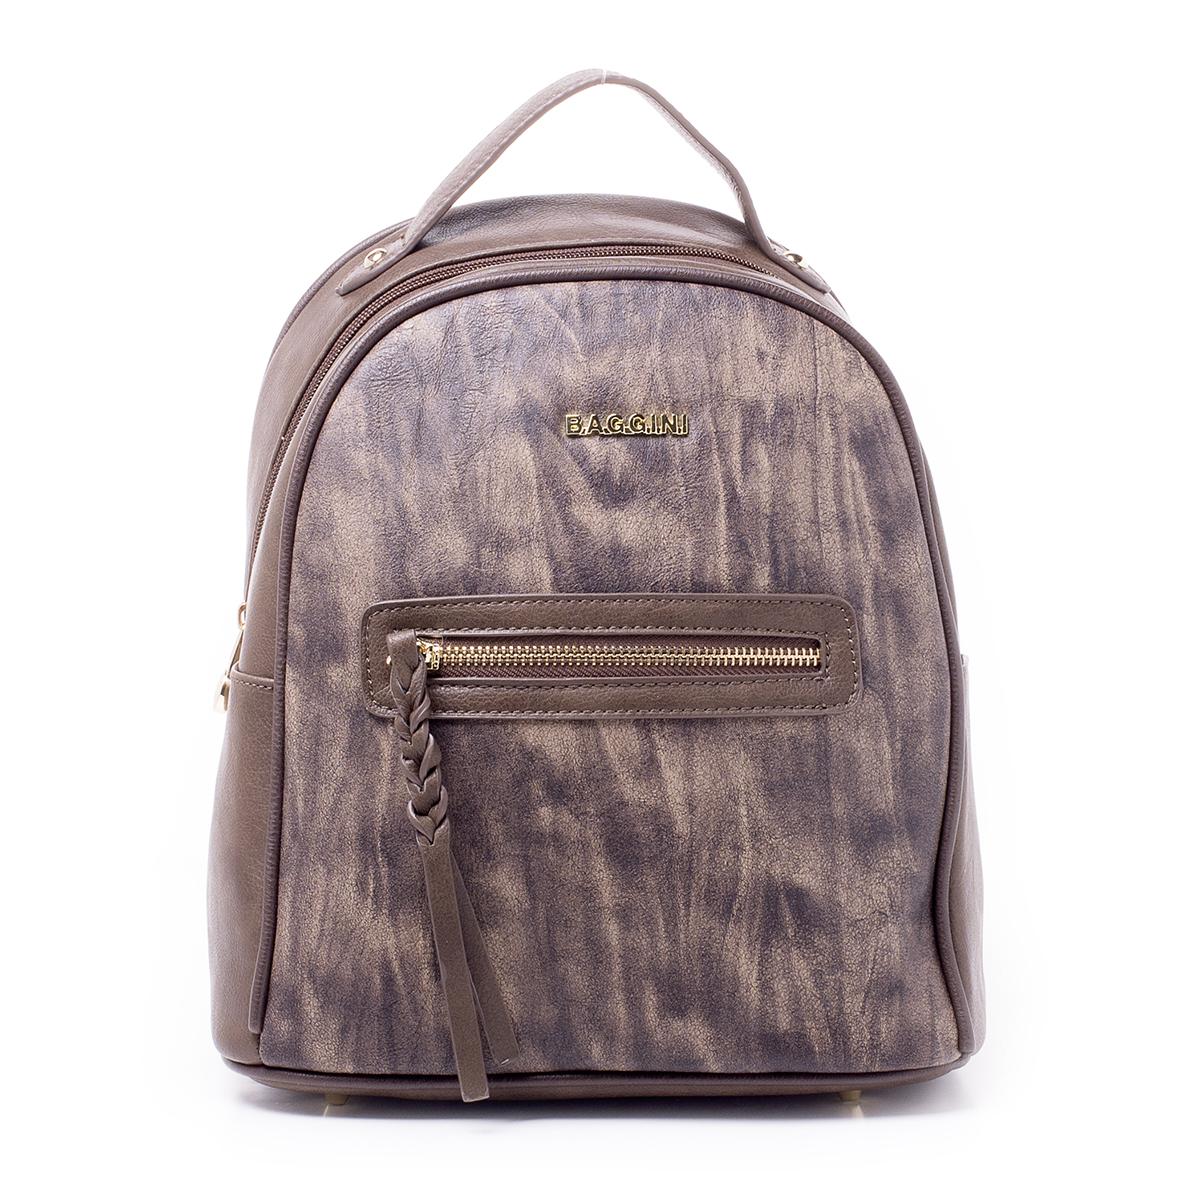 Рюкзак женский Baggini, цвет: темно-коричневый. 29831/2329831/23Загрязнения на изделиях удаляется влажной мягкой тканью